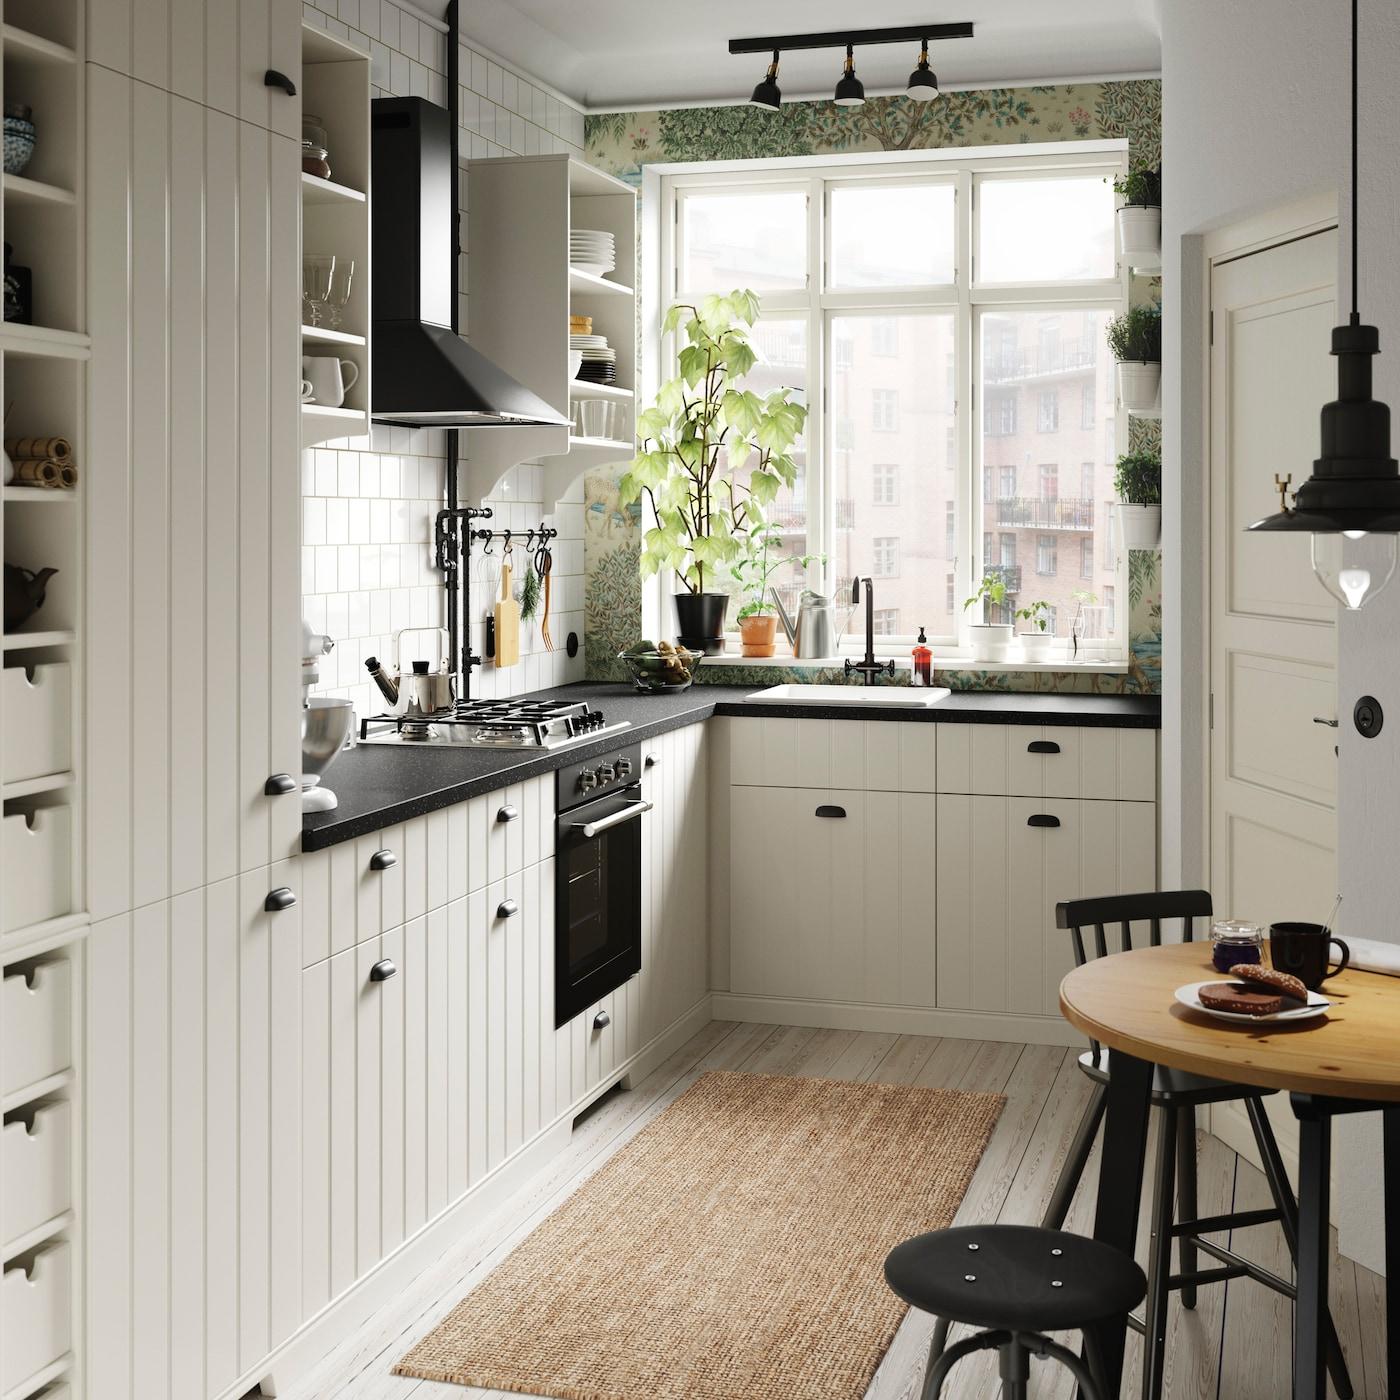 Crie uma acolhedora cozinha ou kitchenette com portas com painéis brancos METOD HITTARP e garrafeiras e arrumação aberta TORNVIKEN.